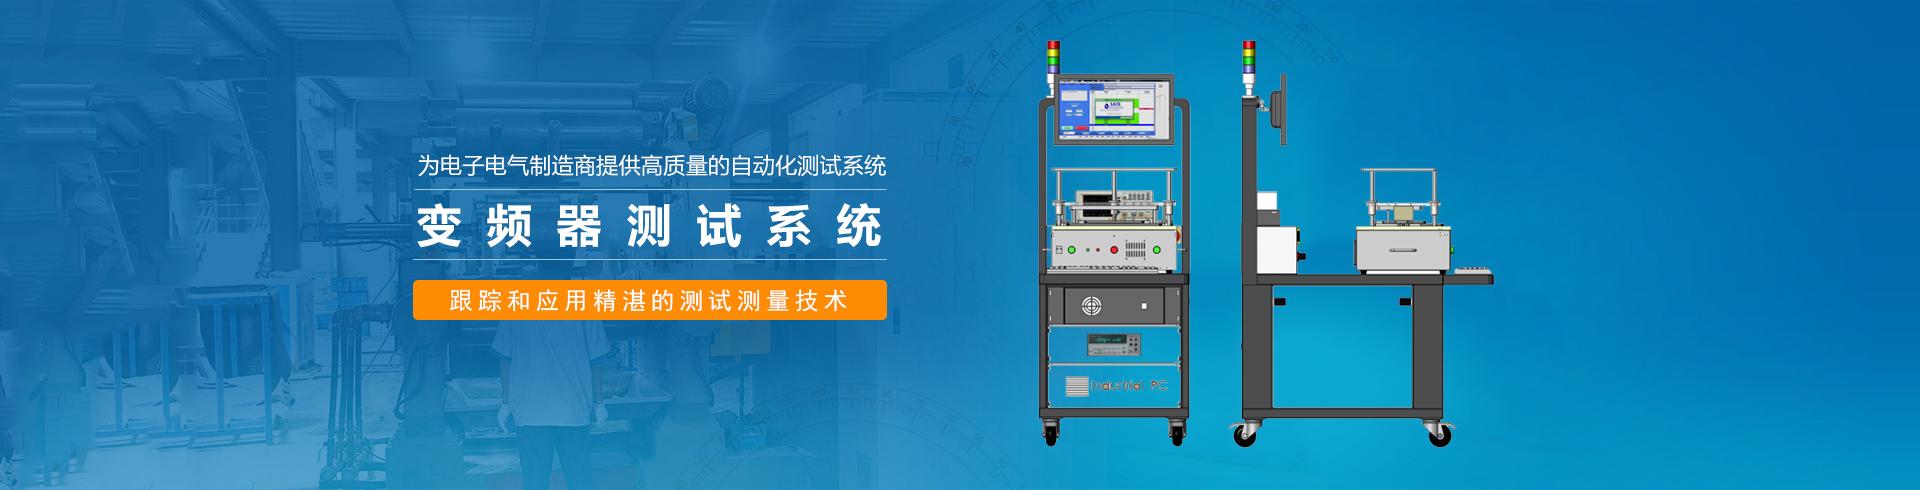 变频器测试系统